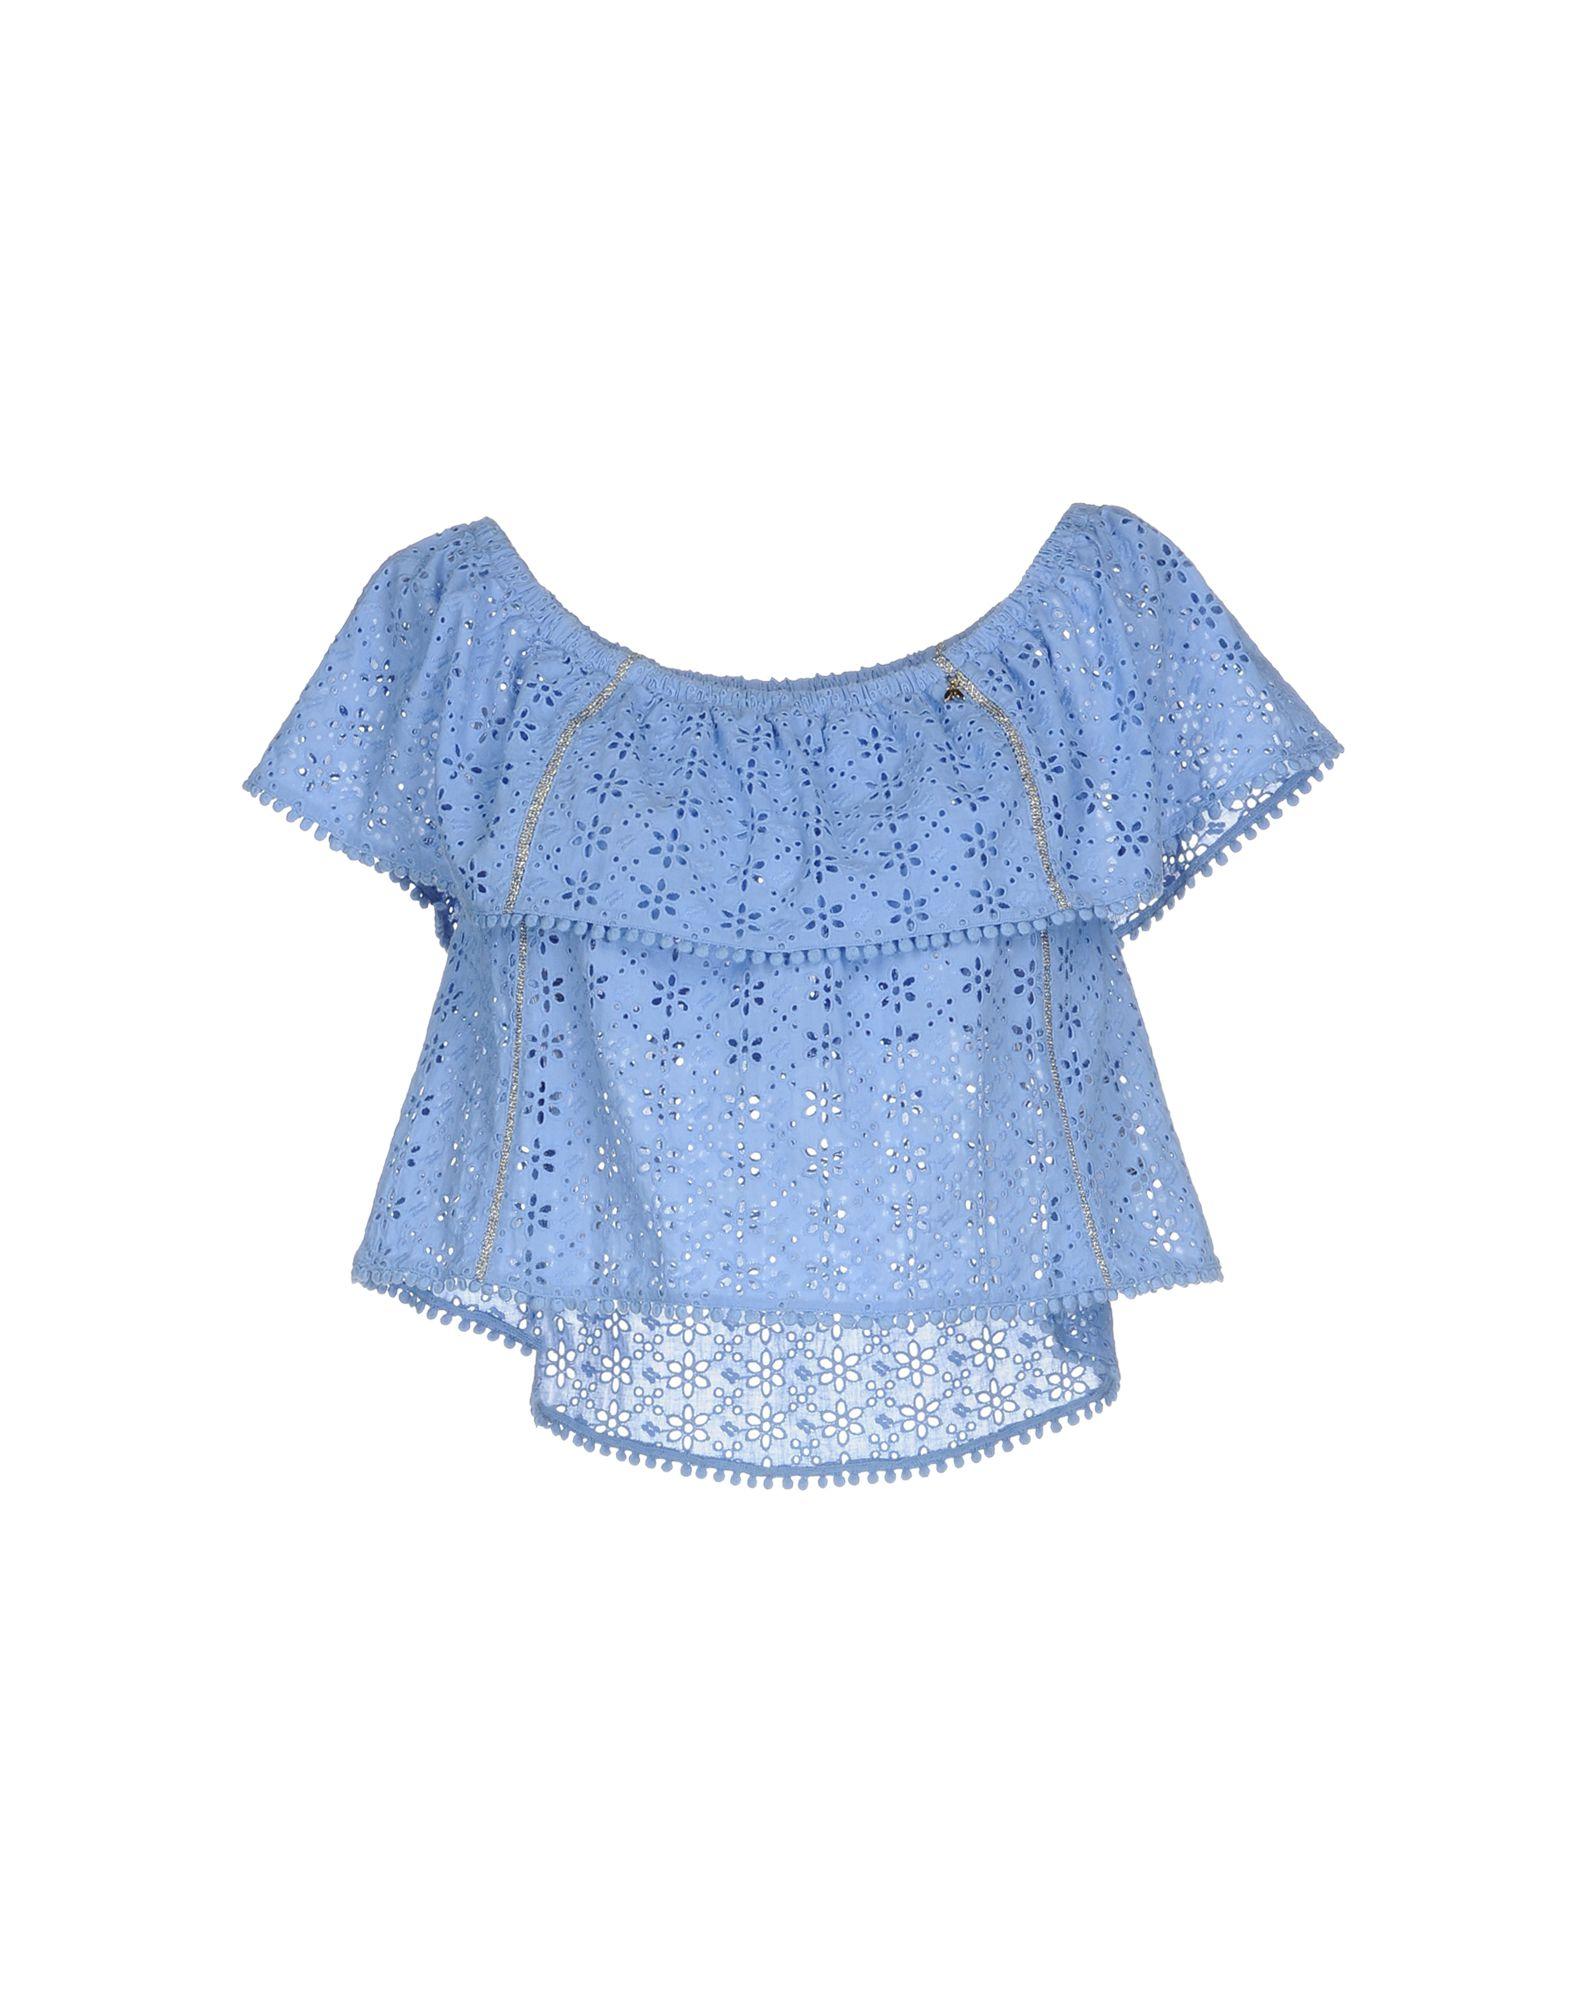 PATRIZIA PEPE Блузка блузка quelle patrizia dini 190008